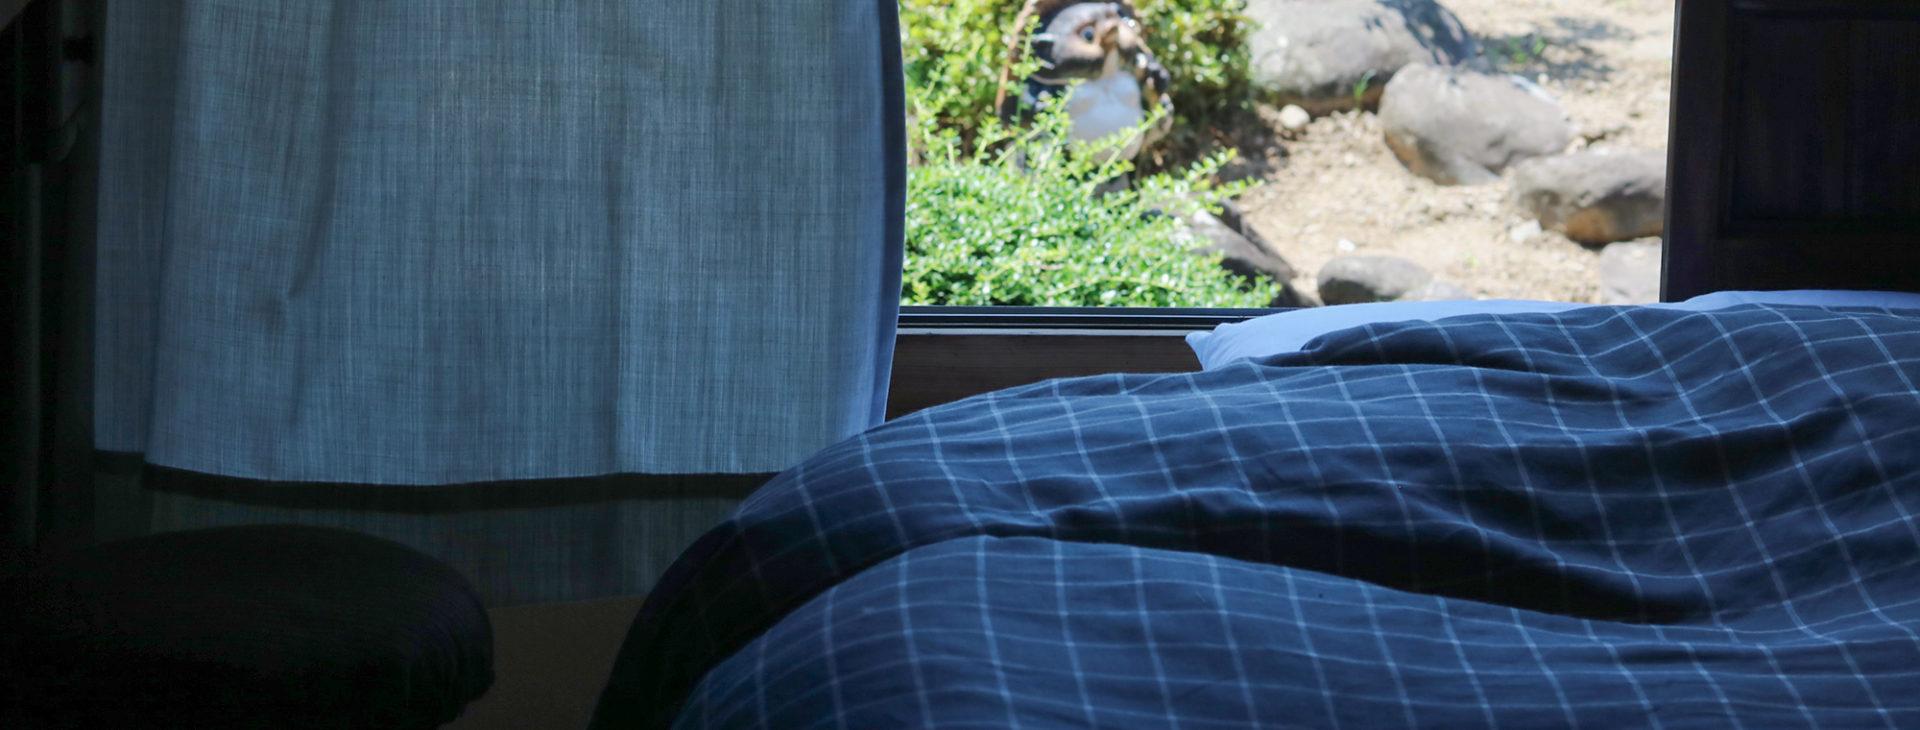 写真:窓の外の光が入り、薄明るい部屋。白いカーテンと紺色のベッドカバー。